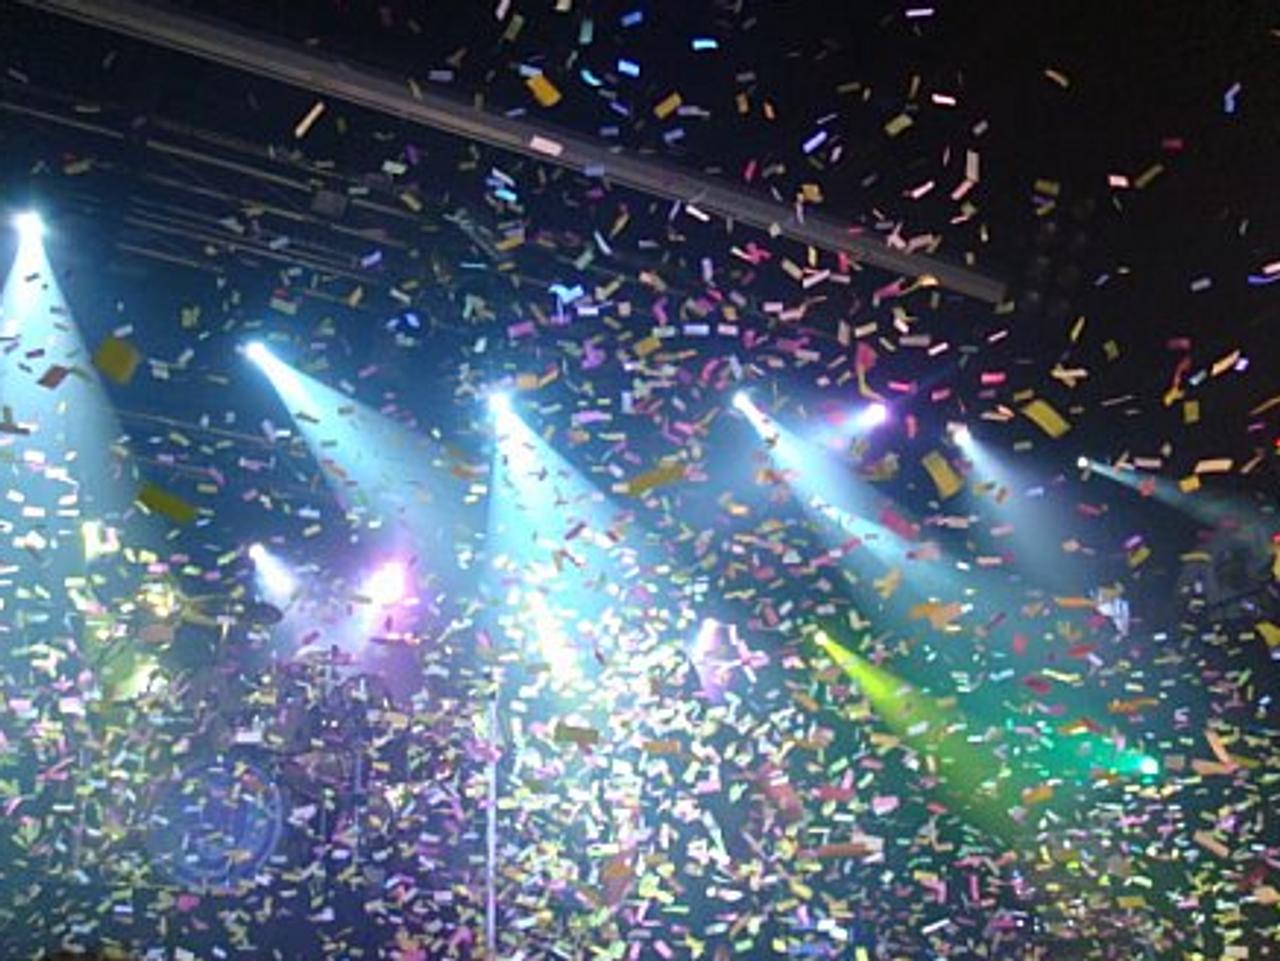 metallic confetti, tissue confetti, confetti by the pound, confetti, bulk confetti, rectangle confetti, wedding confetti, night club confetti, nightclub confetti, confetti for all occasions, colorful confetti